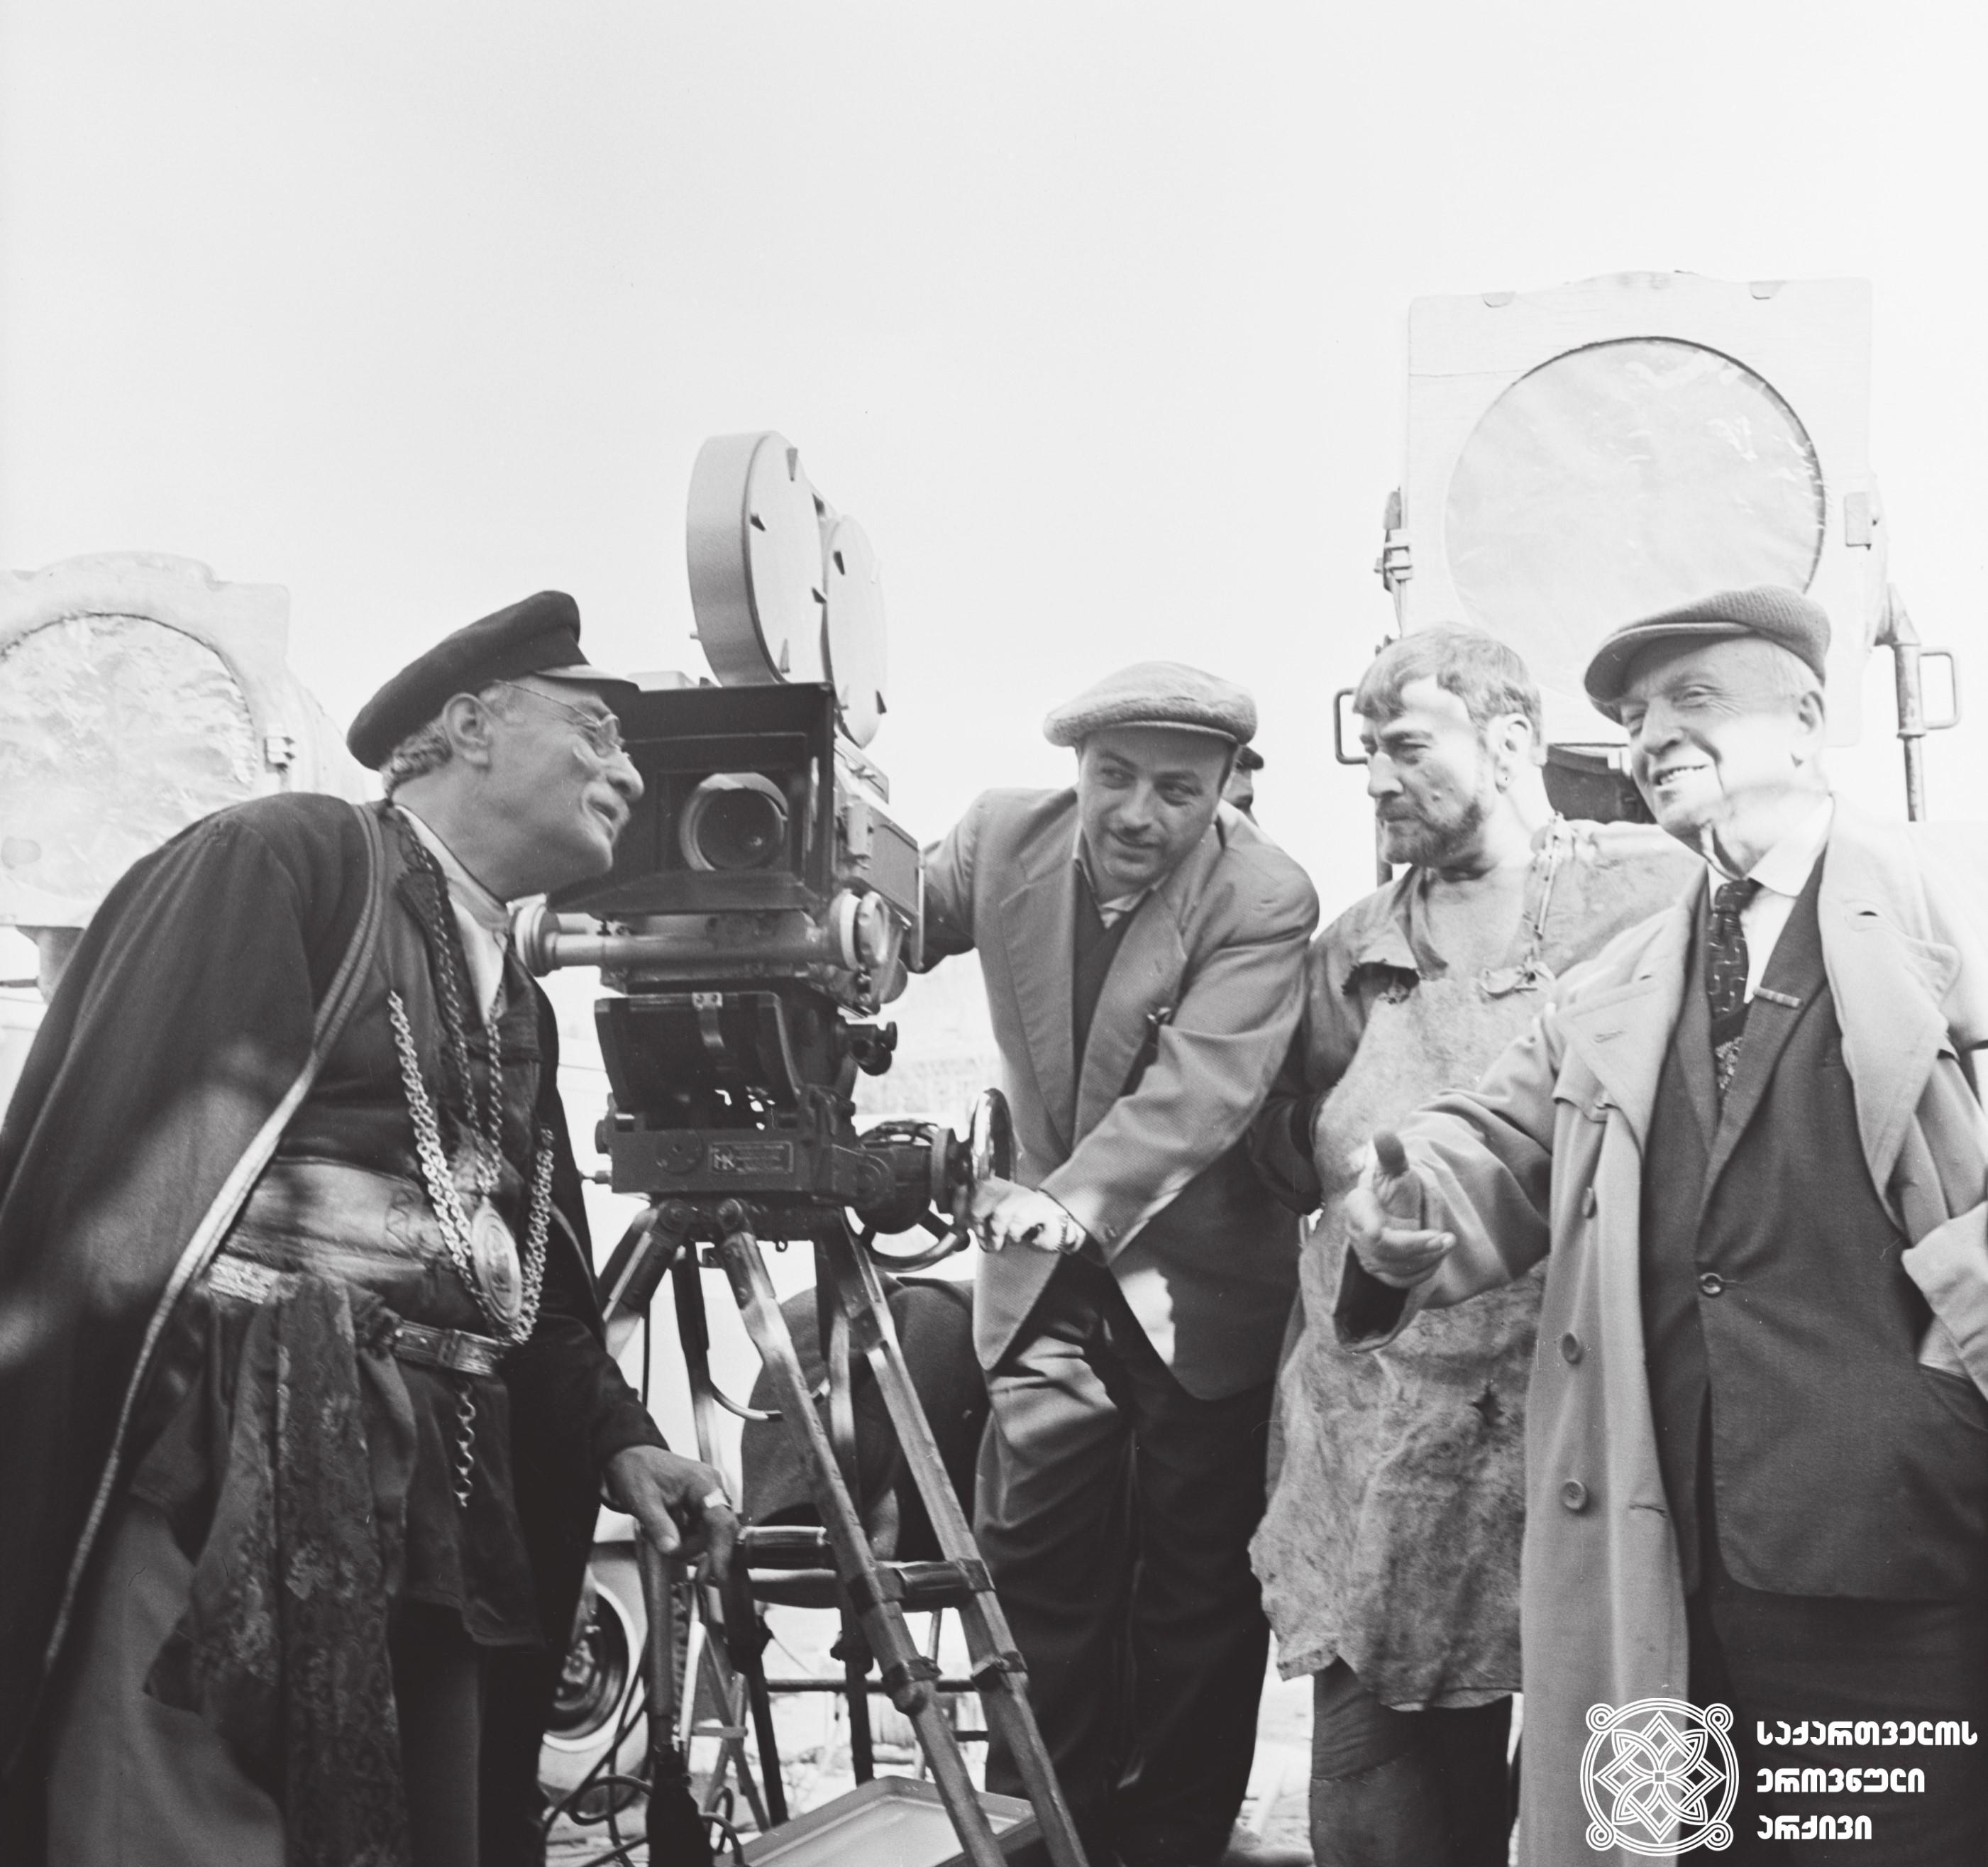 """მხატვრული ფილმი """"რაც გინახავს ვეღარ ნახავ"""", მსახიობები: ვასო გოძიაშვილი და აკაკი ხორავა გადასაღებ მოედანზე.  <br>რეჟისორი: მიხეილ ჭიაურელი. 1965  <br> Feature film """"You can't See What You have Seen"""", actors: Vaso Godziashvili and Akaki Khorava on the filming location. <br> <br>Director: Mikheil Chiaureli. 1965"""